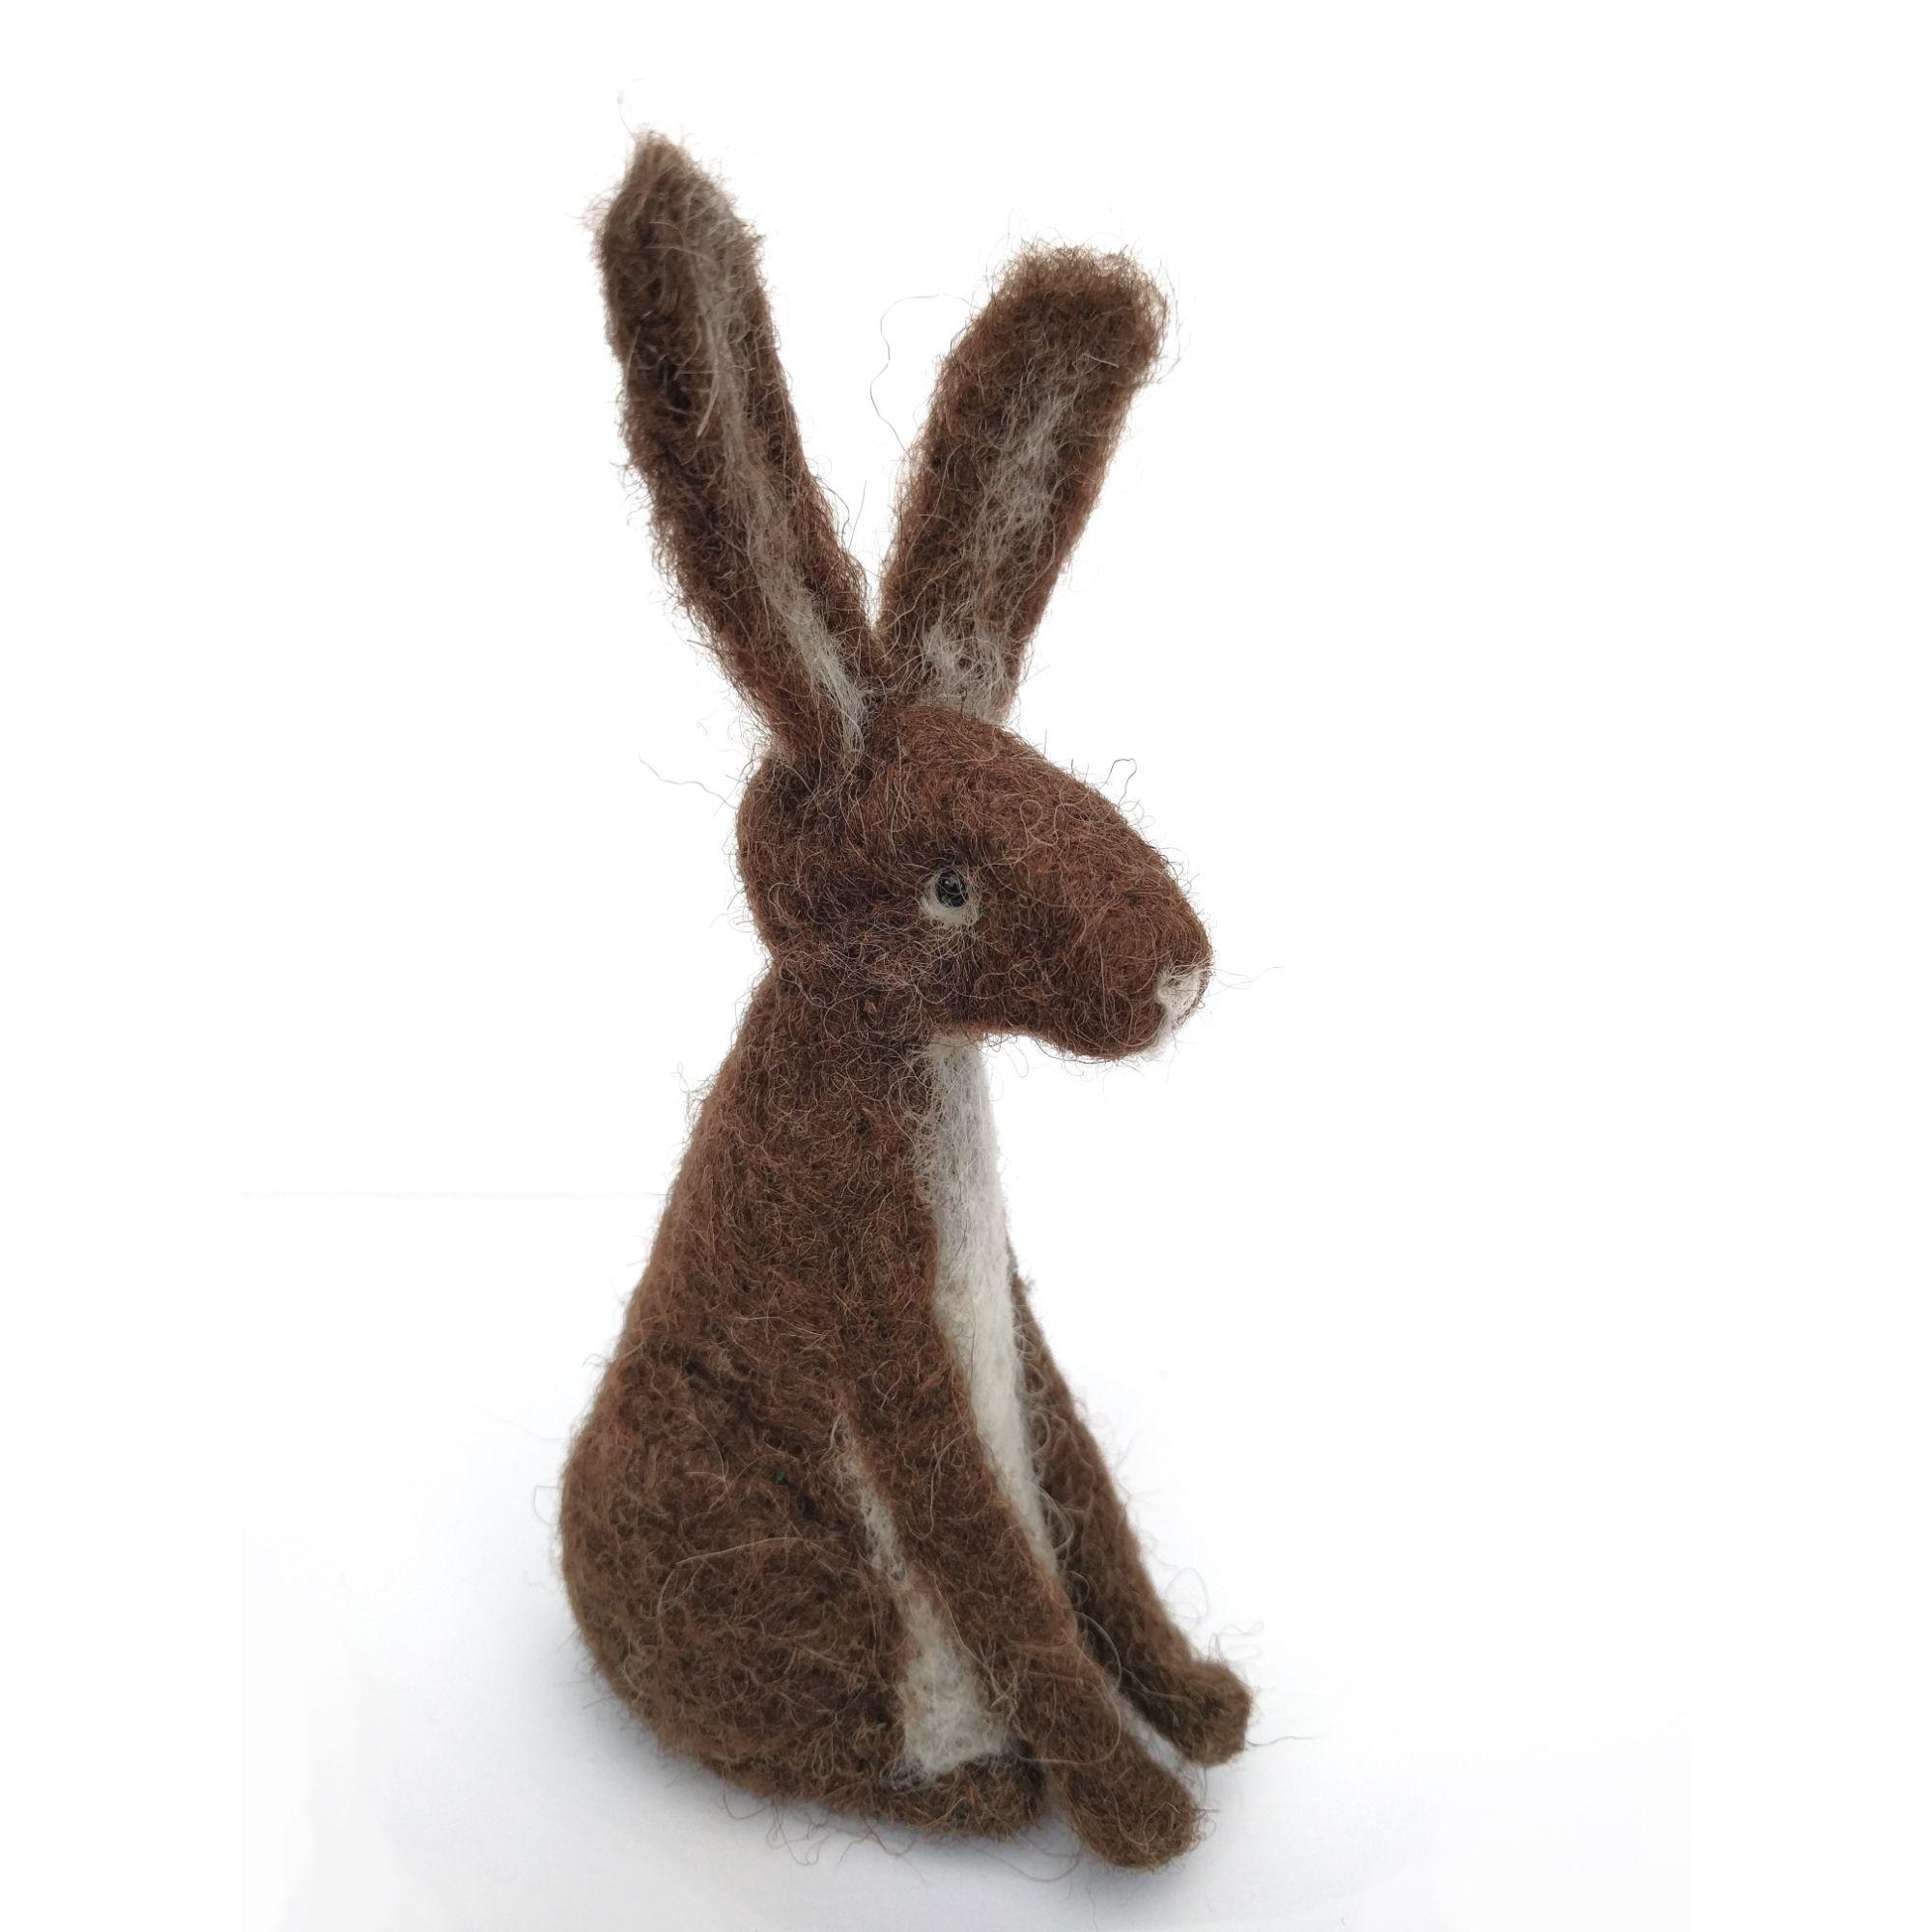 Hare Needle Felting Workshop